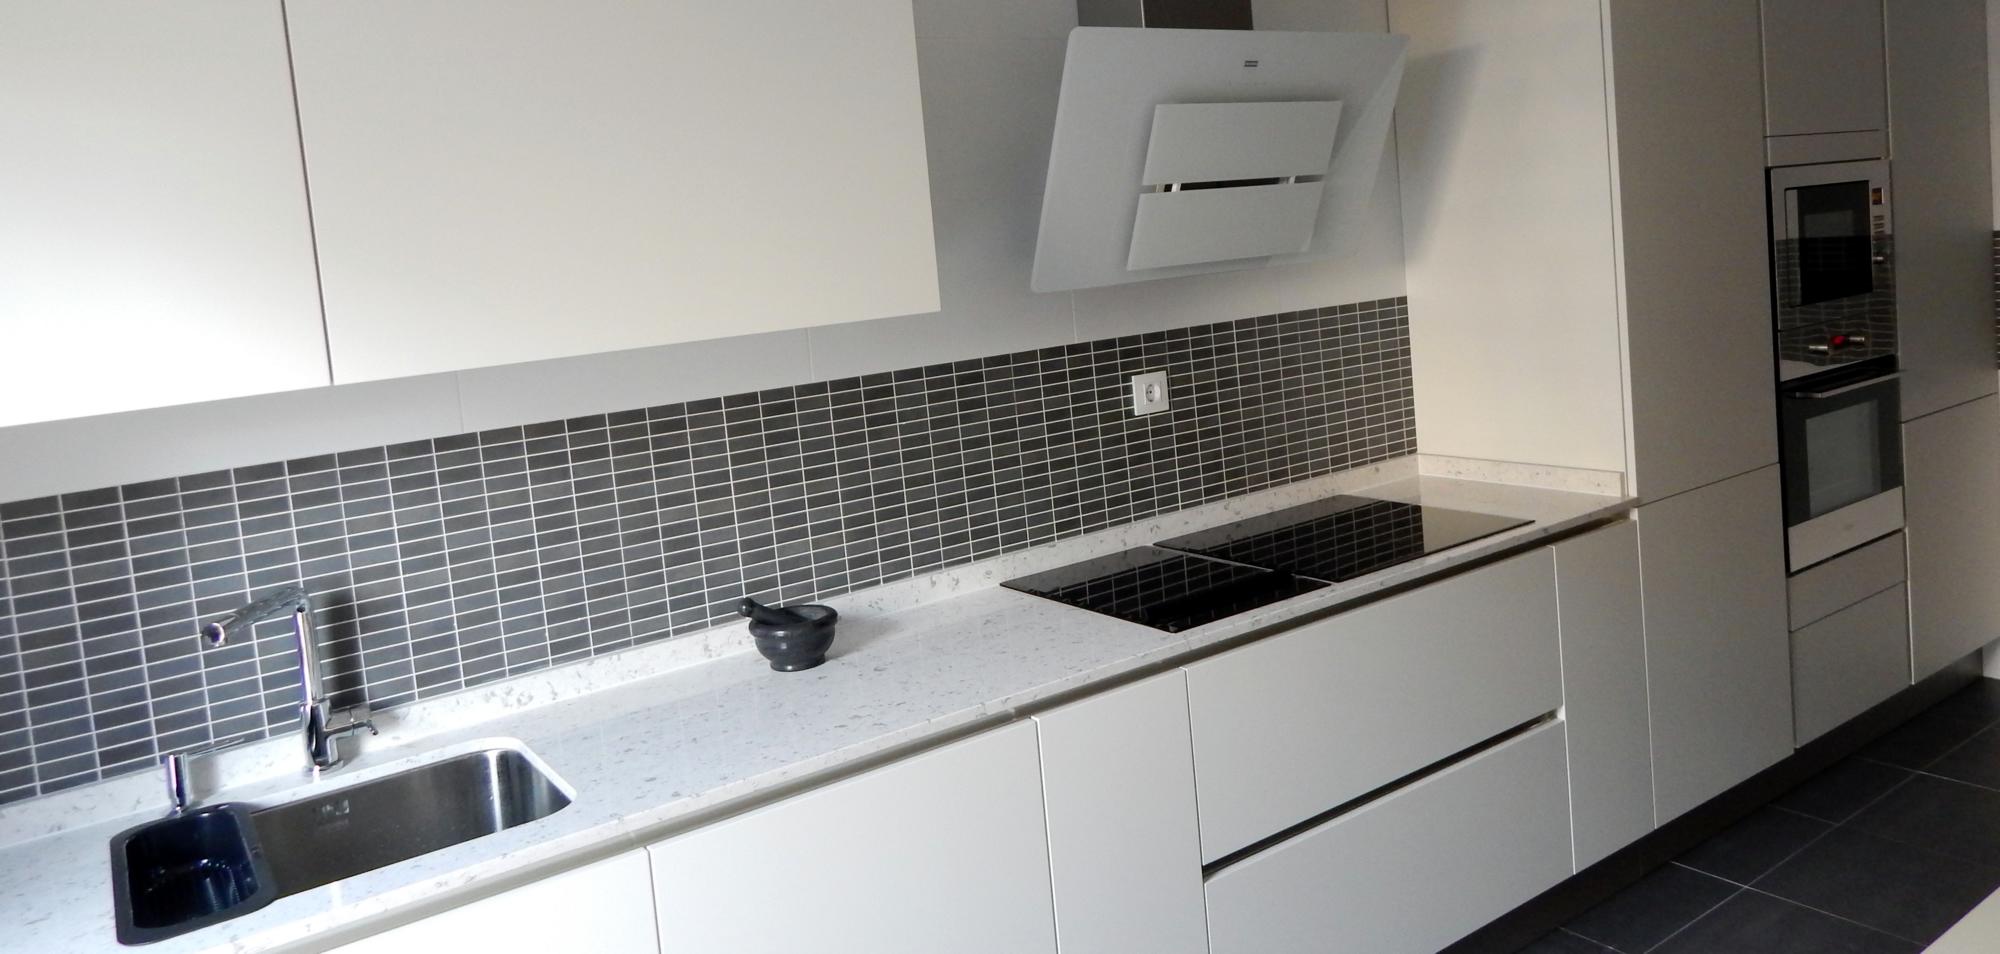 Muebles de cocina modelo lasser con gola for Complementos para muebles de cocina